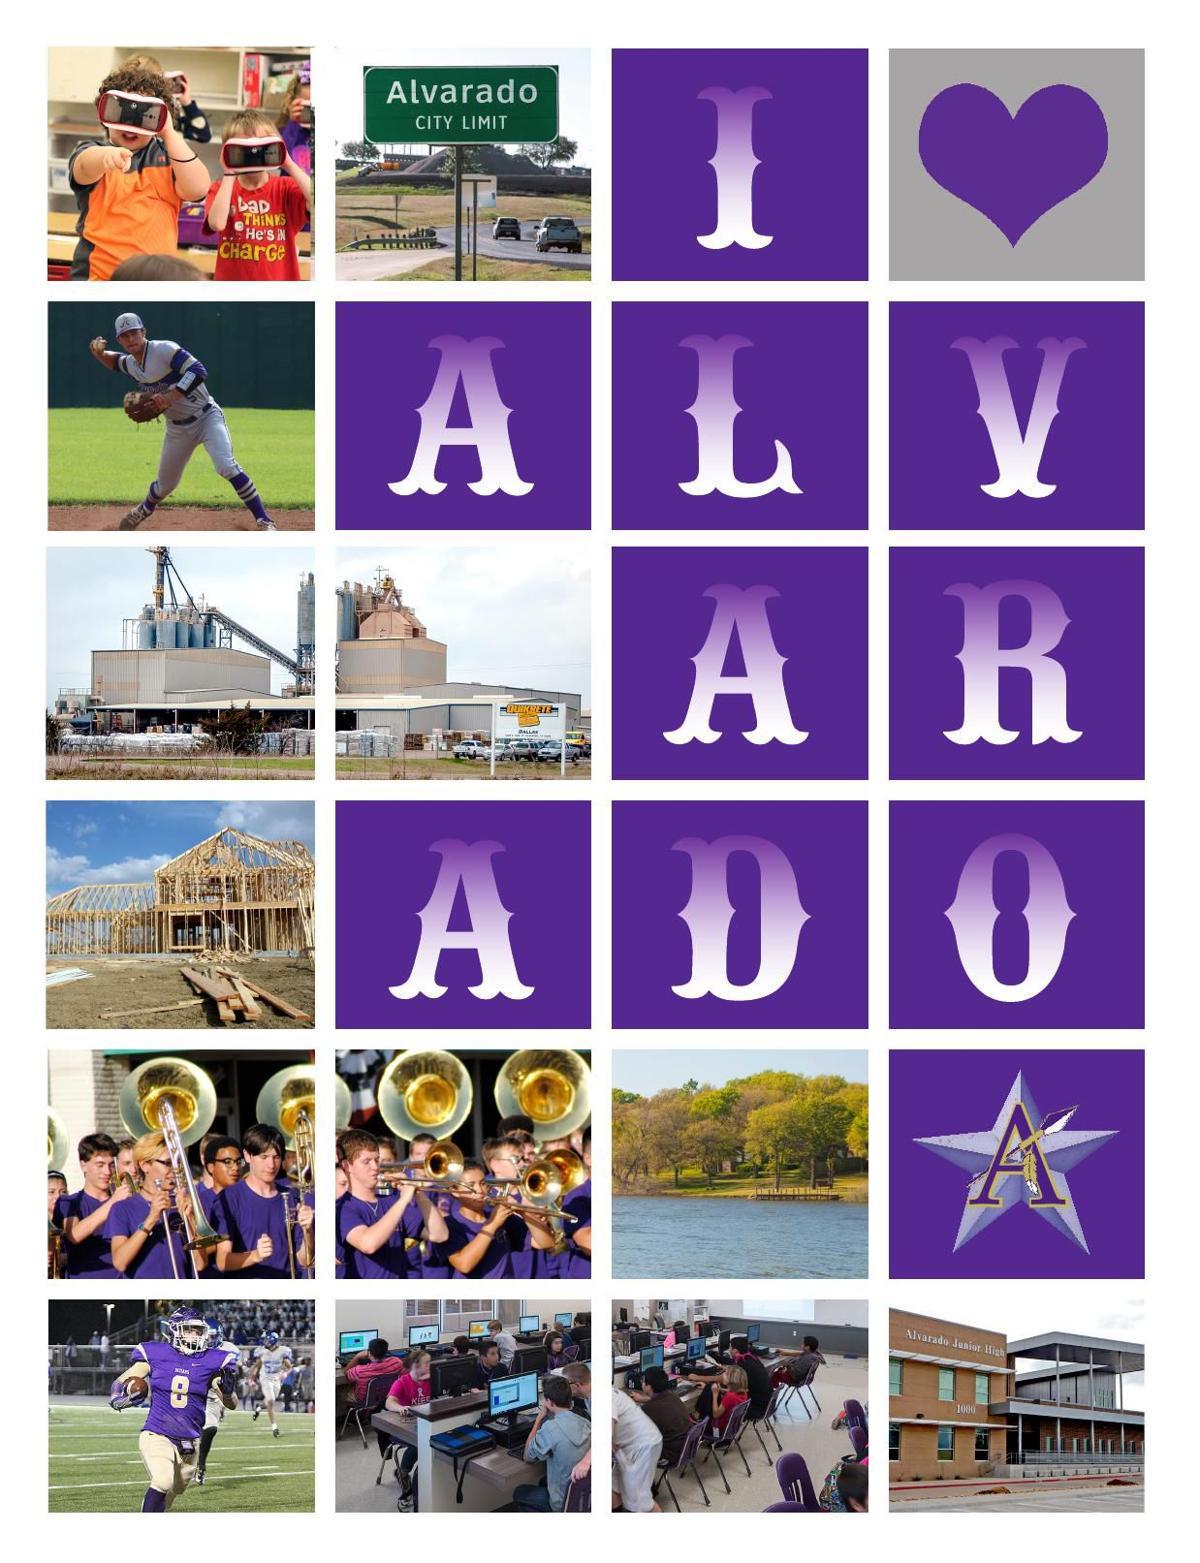 local news com alvarado texas or s guide now available